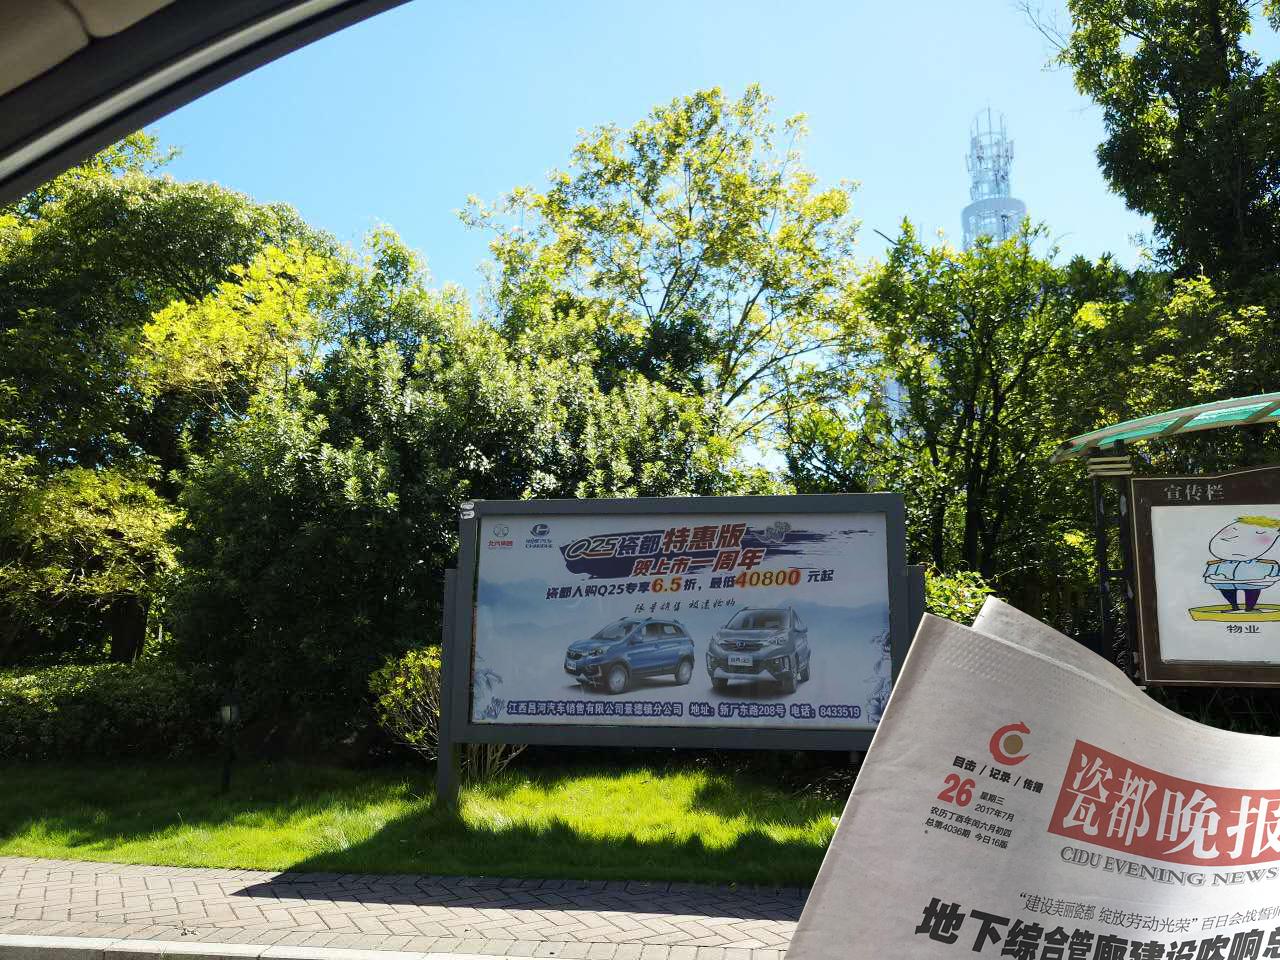 小区广告机_长春小区广告_小区广告果皮箱